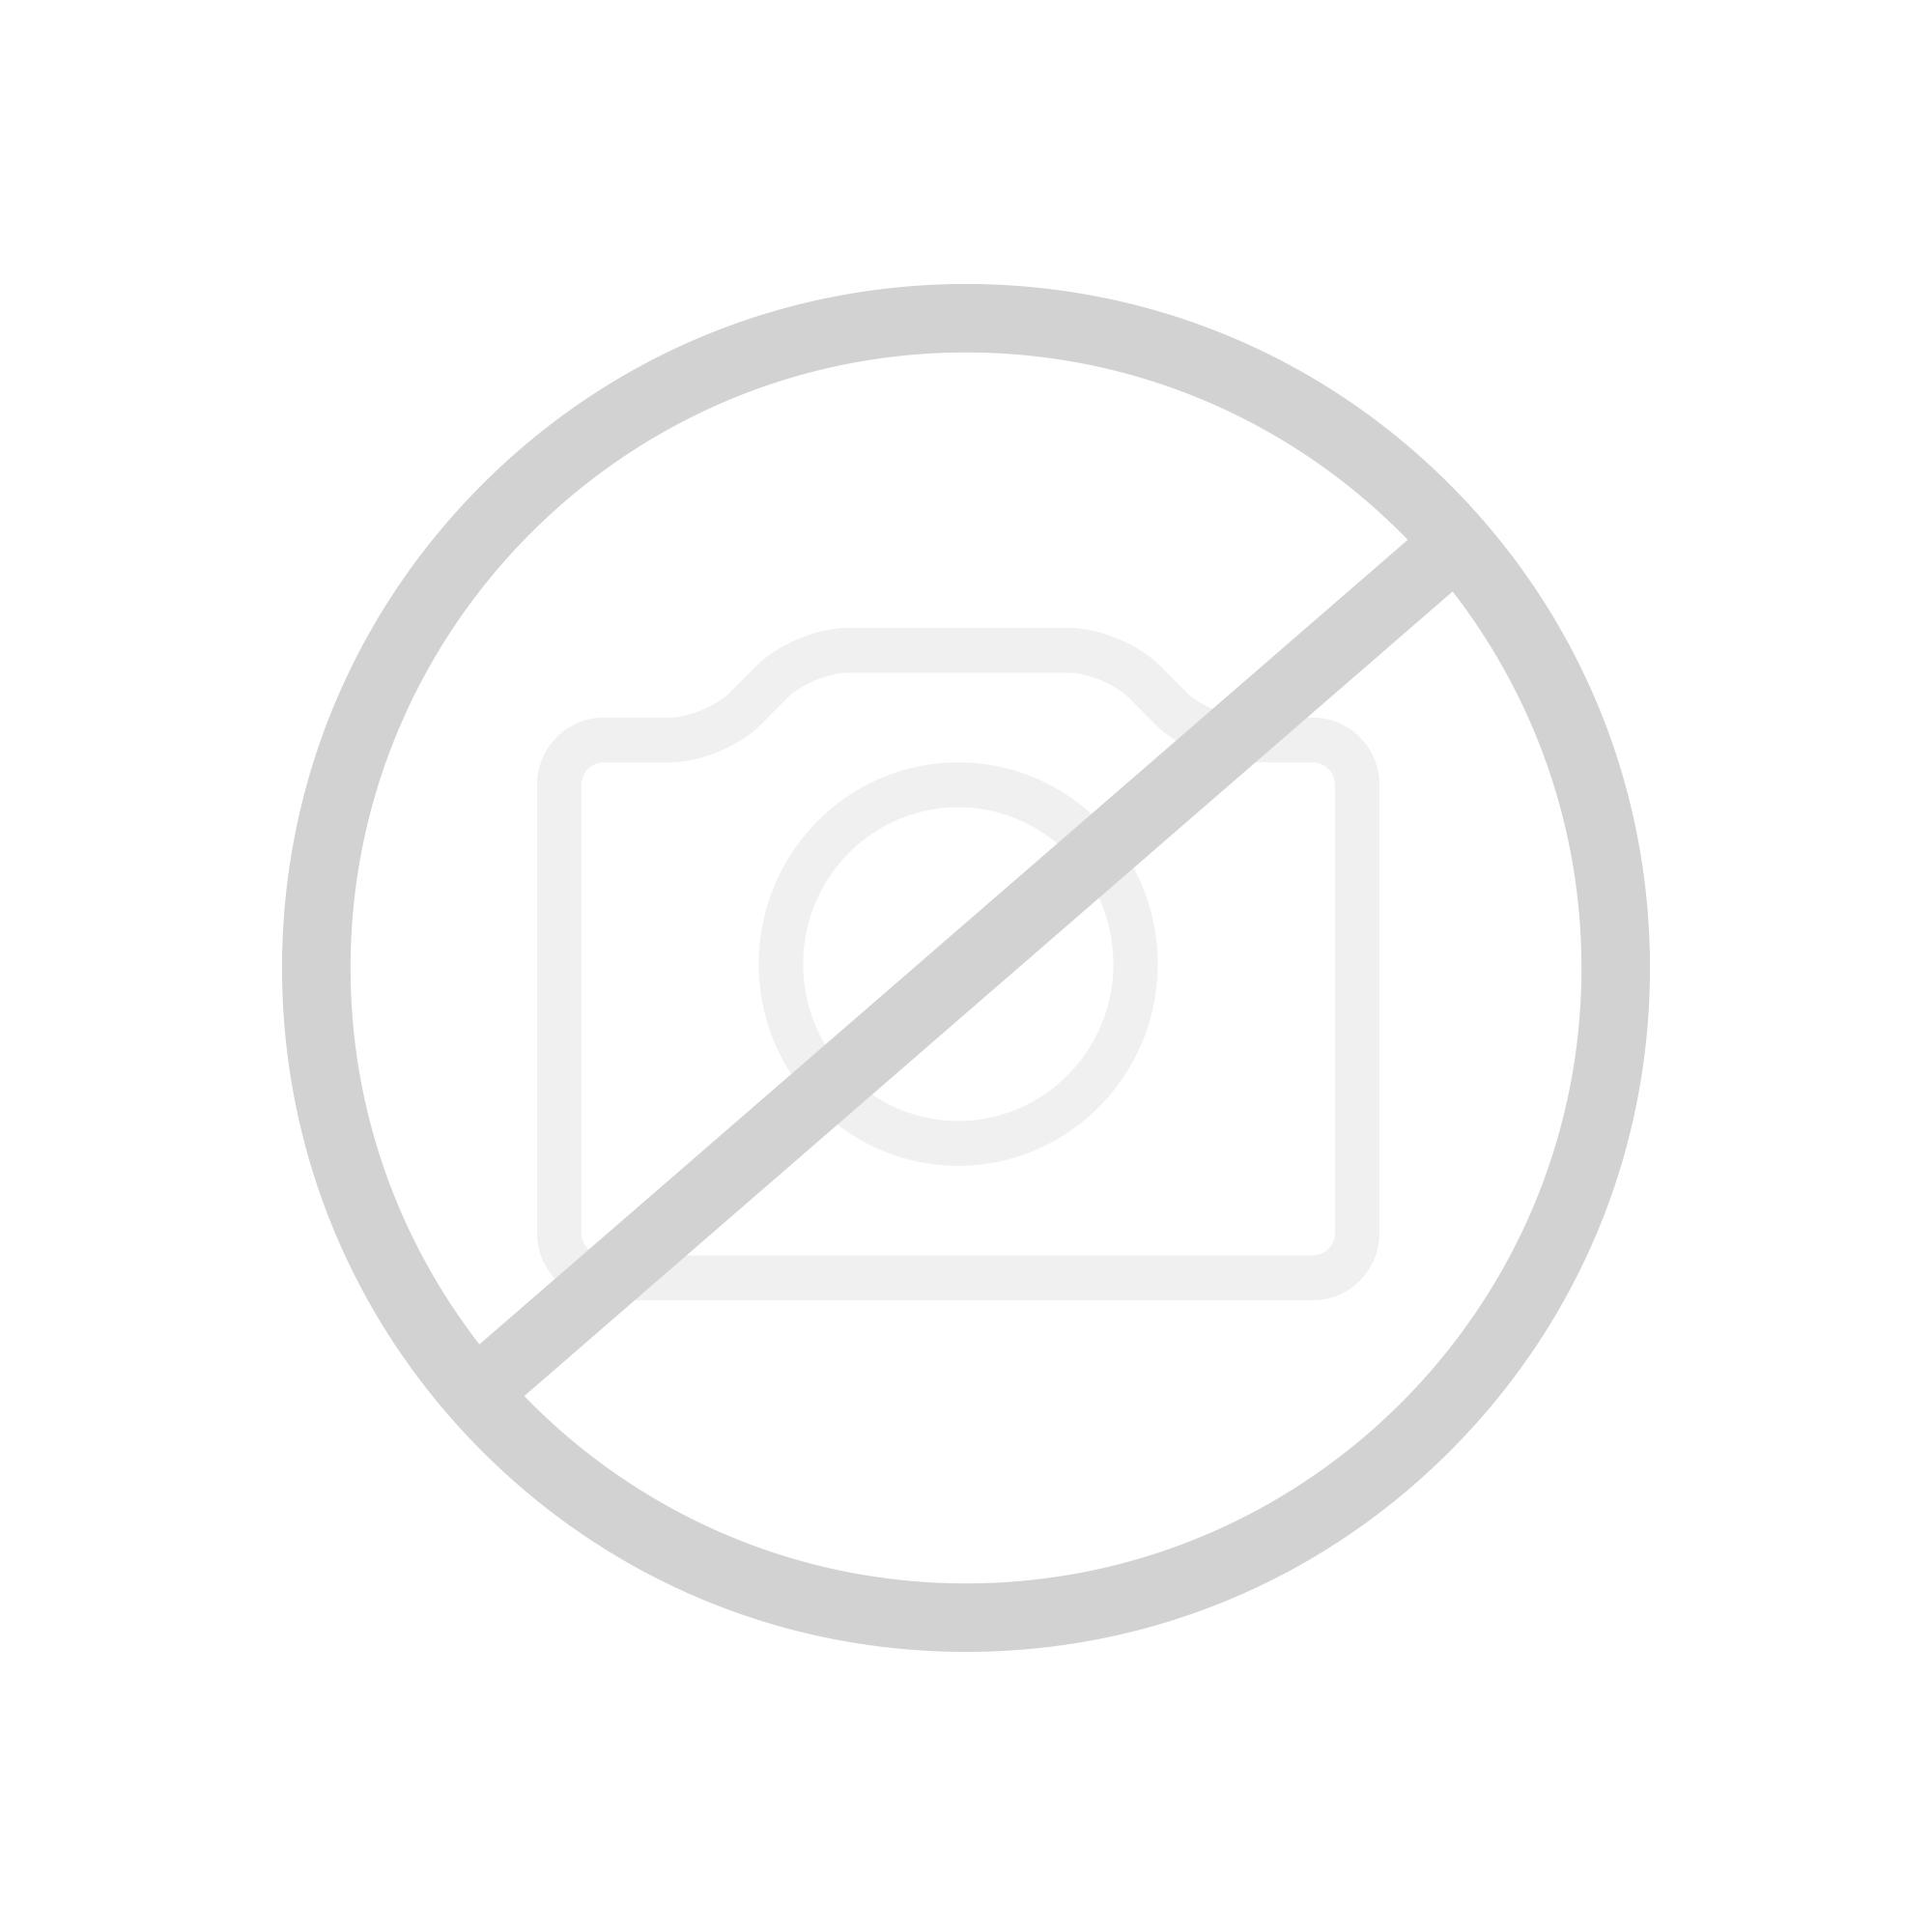 antoniolupi GESTO Aufsatzwaschtisch B: 126 H: 13 T: 50 cm weiß, ohne Hahnloch